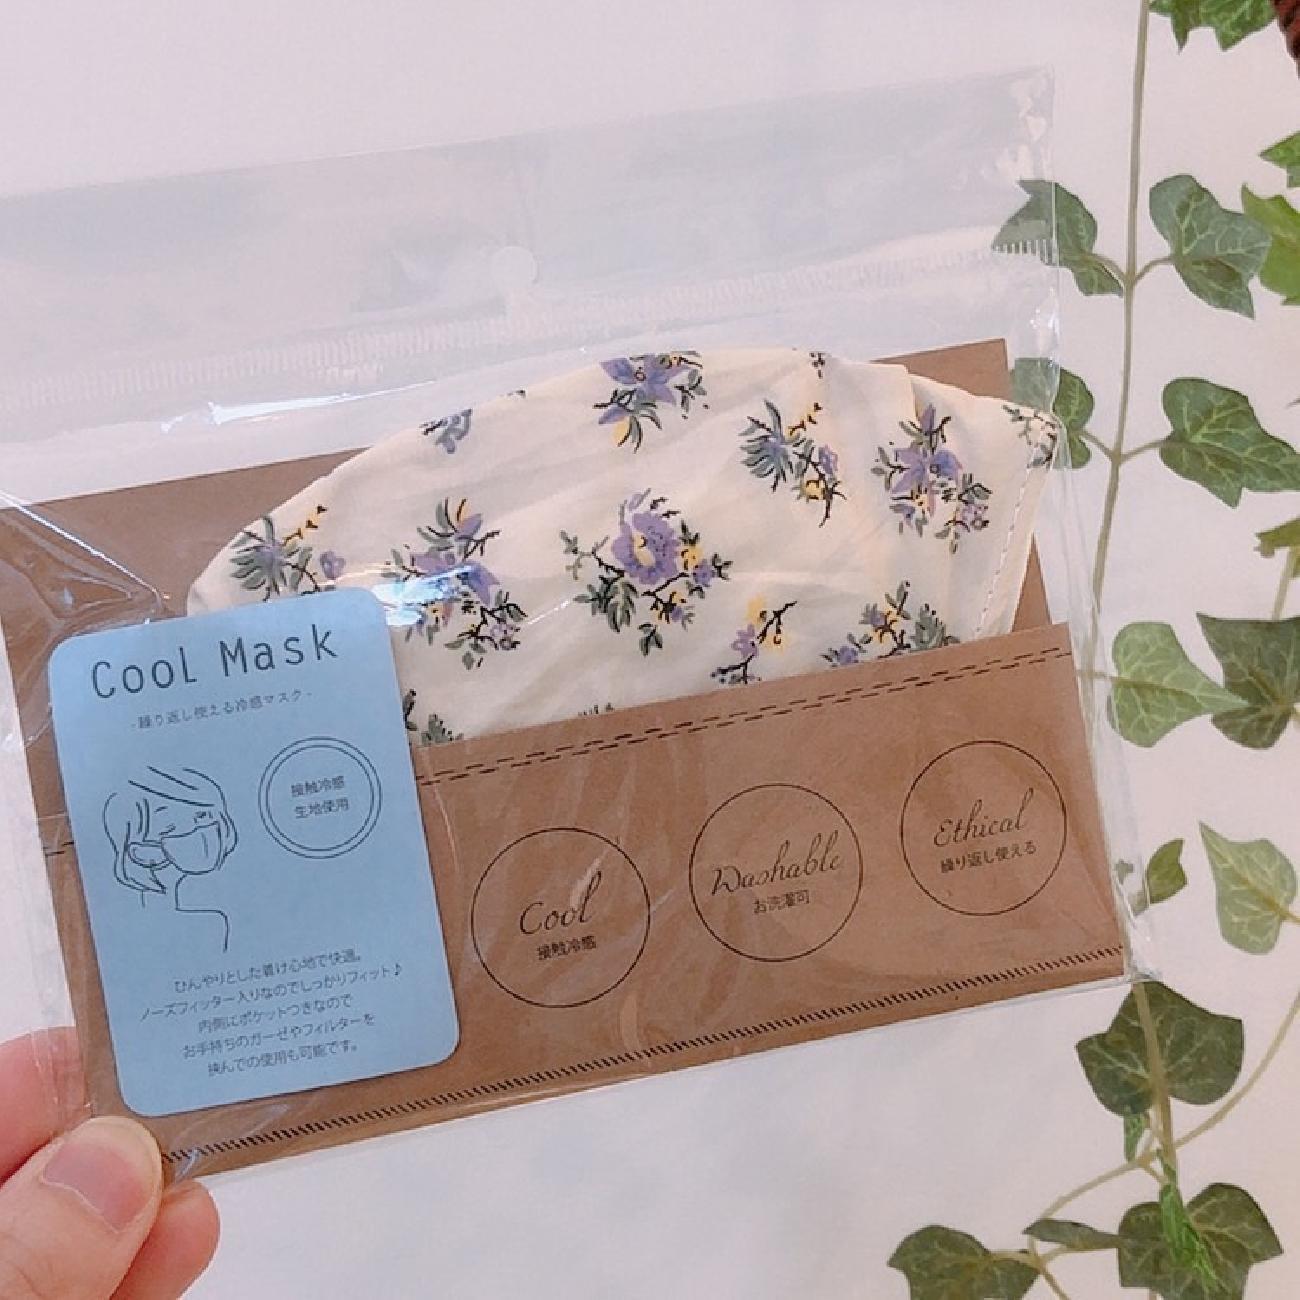 冷感マスク/感染予防/クール/快適/おしゃれ/布マスク